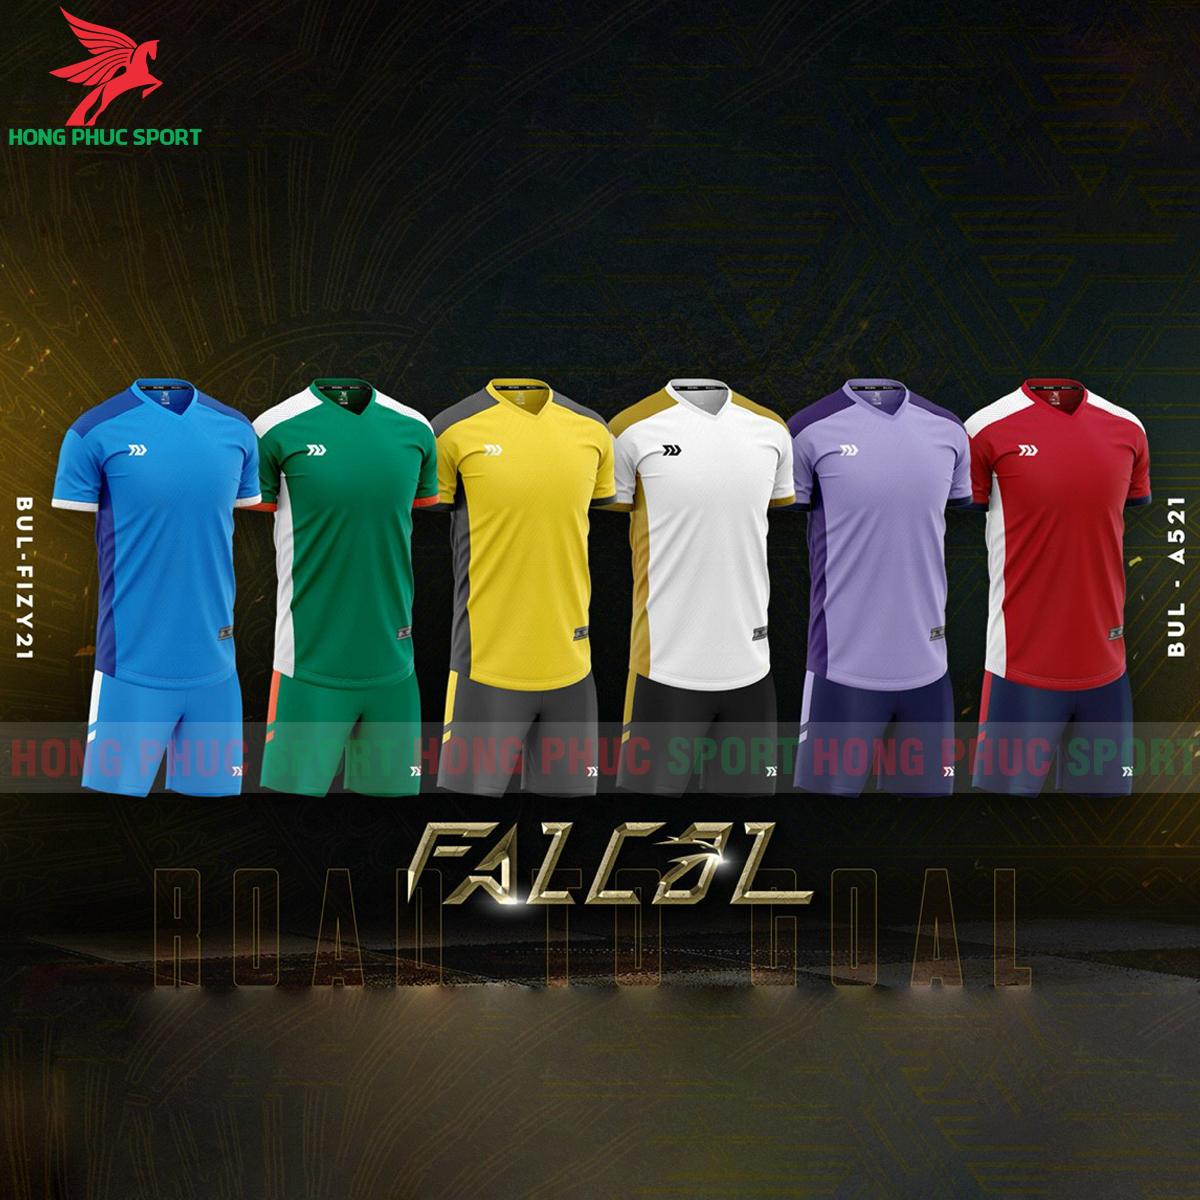 https://cdn.hongphucsport.com/unsafe/s4.shopbay.vn/files/285/ao-khong-logo-bulbal-falcol-2021-6076b3678d201.png